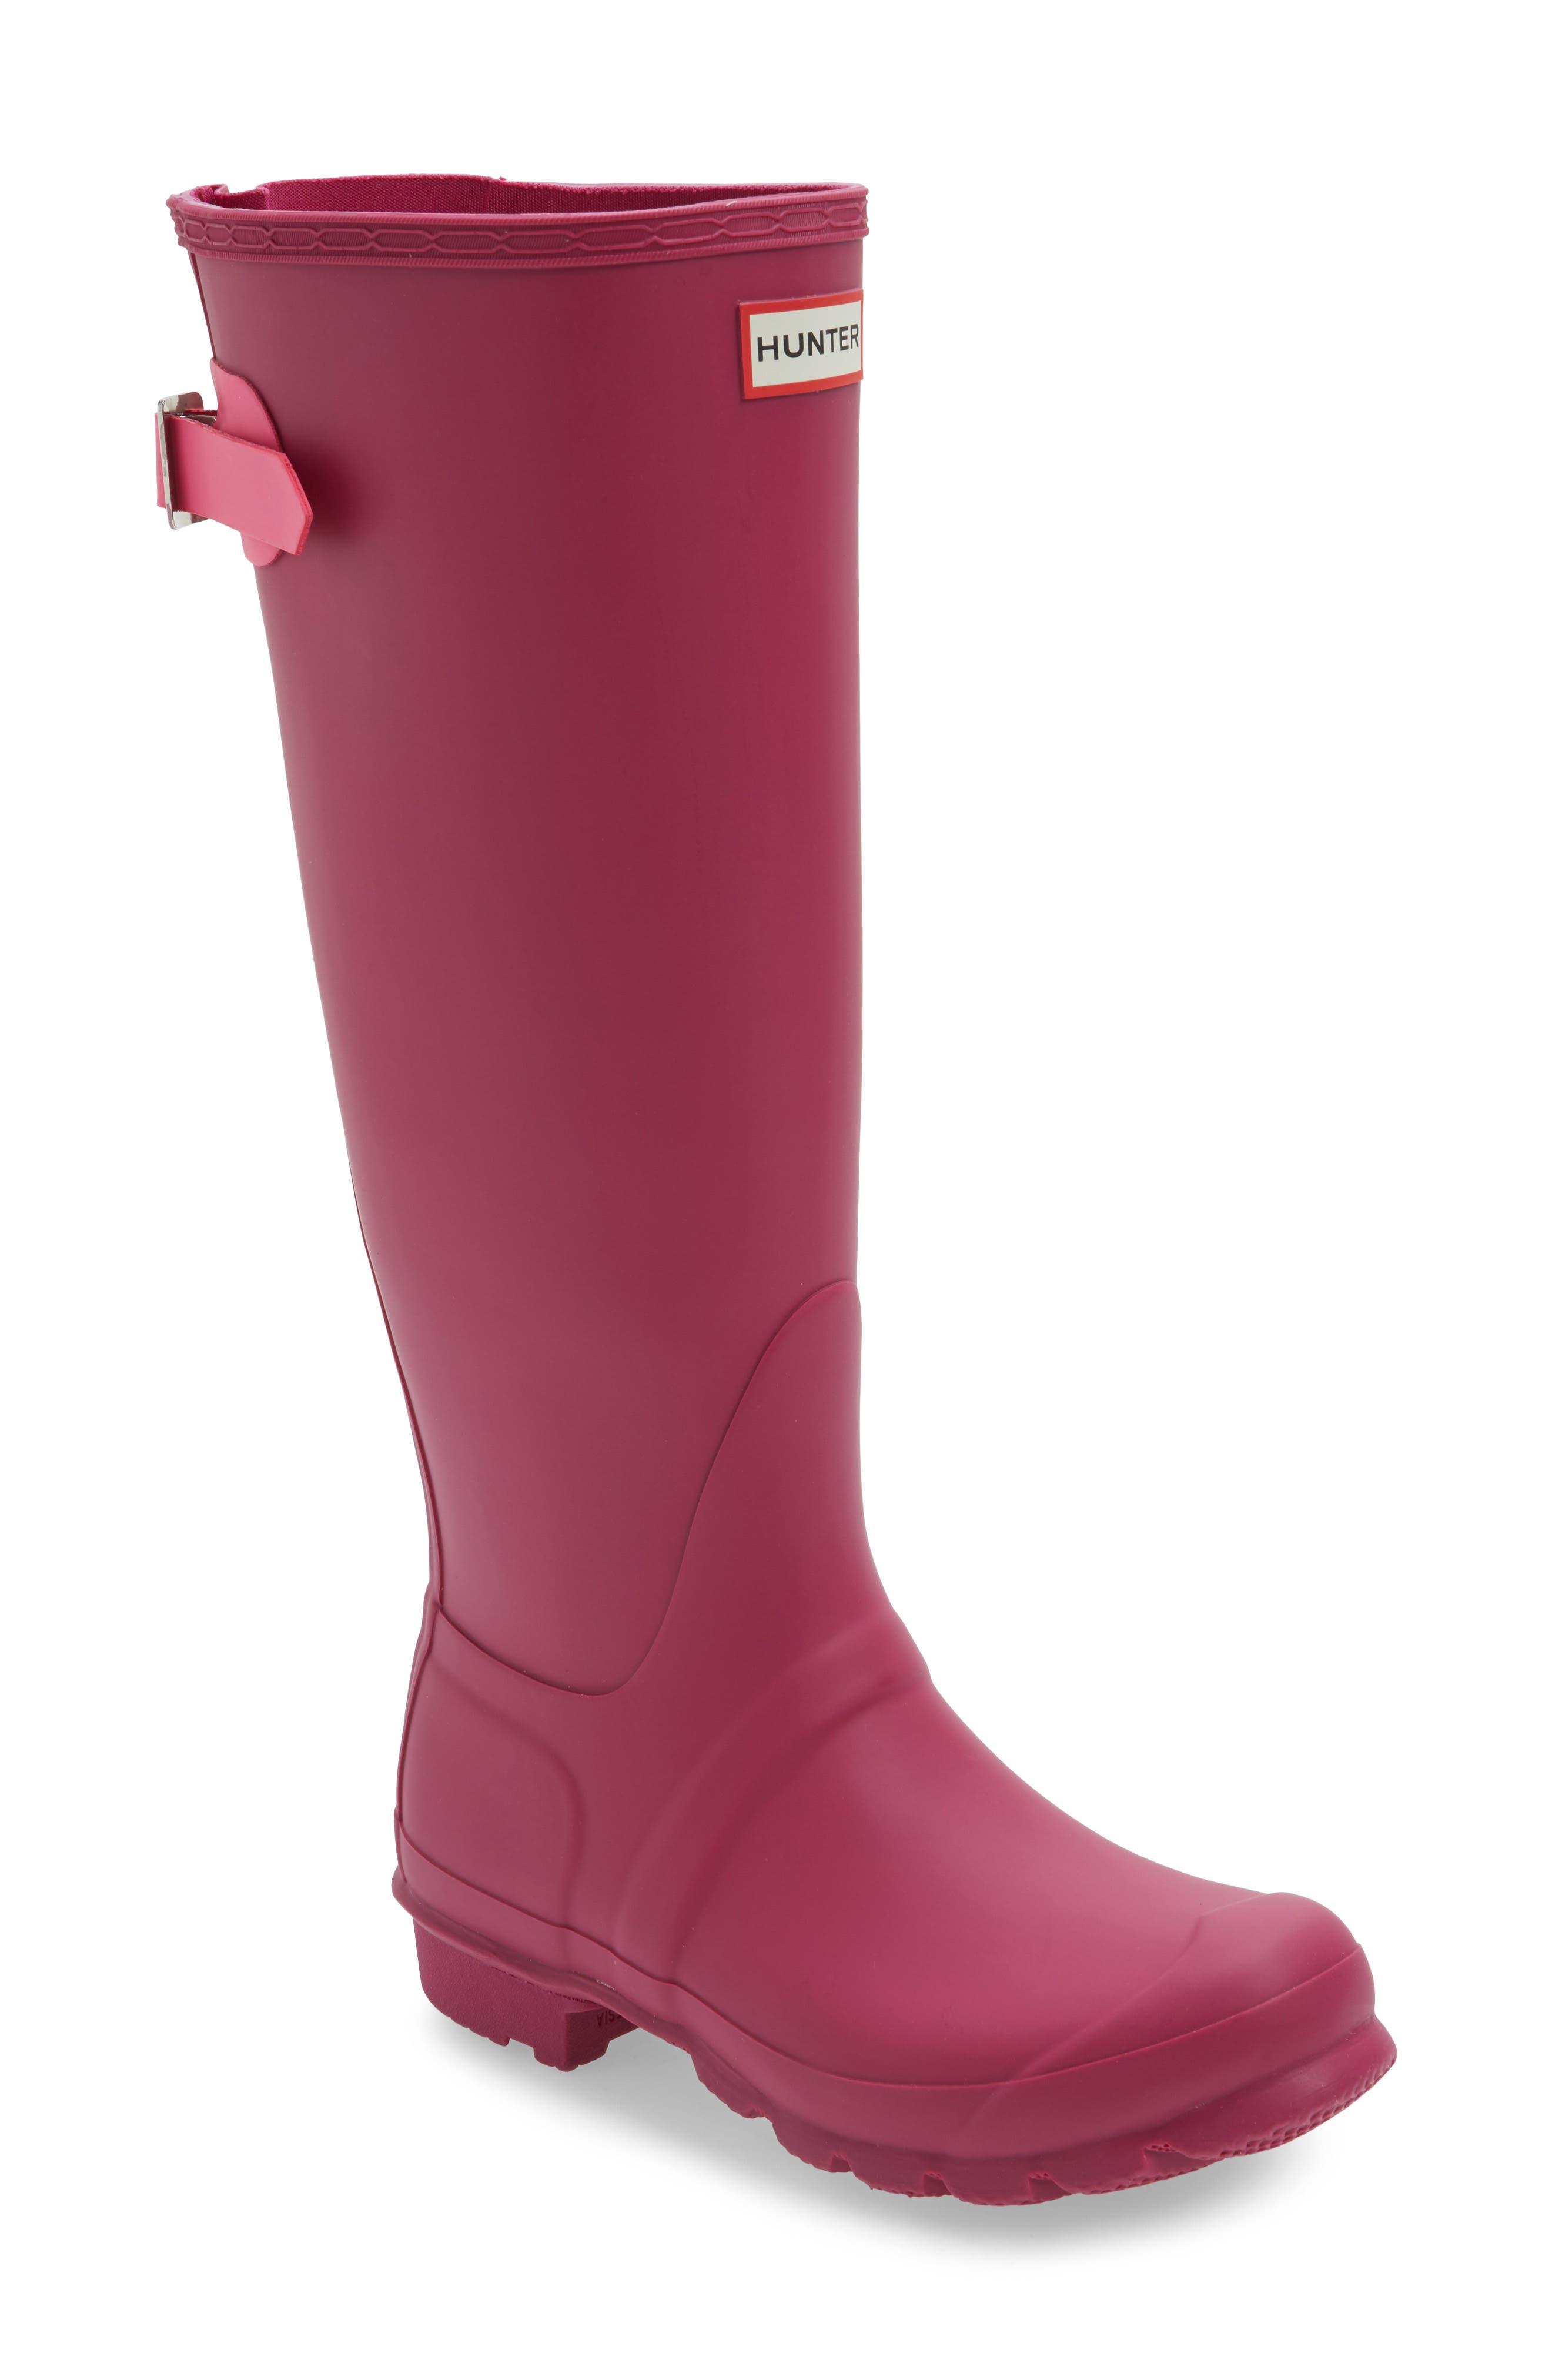 Adjustable Calf Rain Boot,                             Main thumbnail 1, color,                             Dark Ion Pink/ Ion Pink